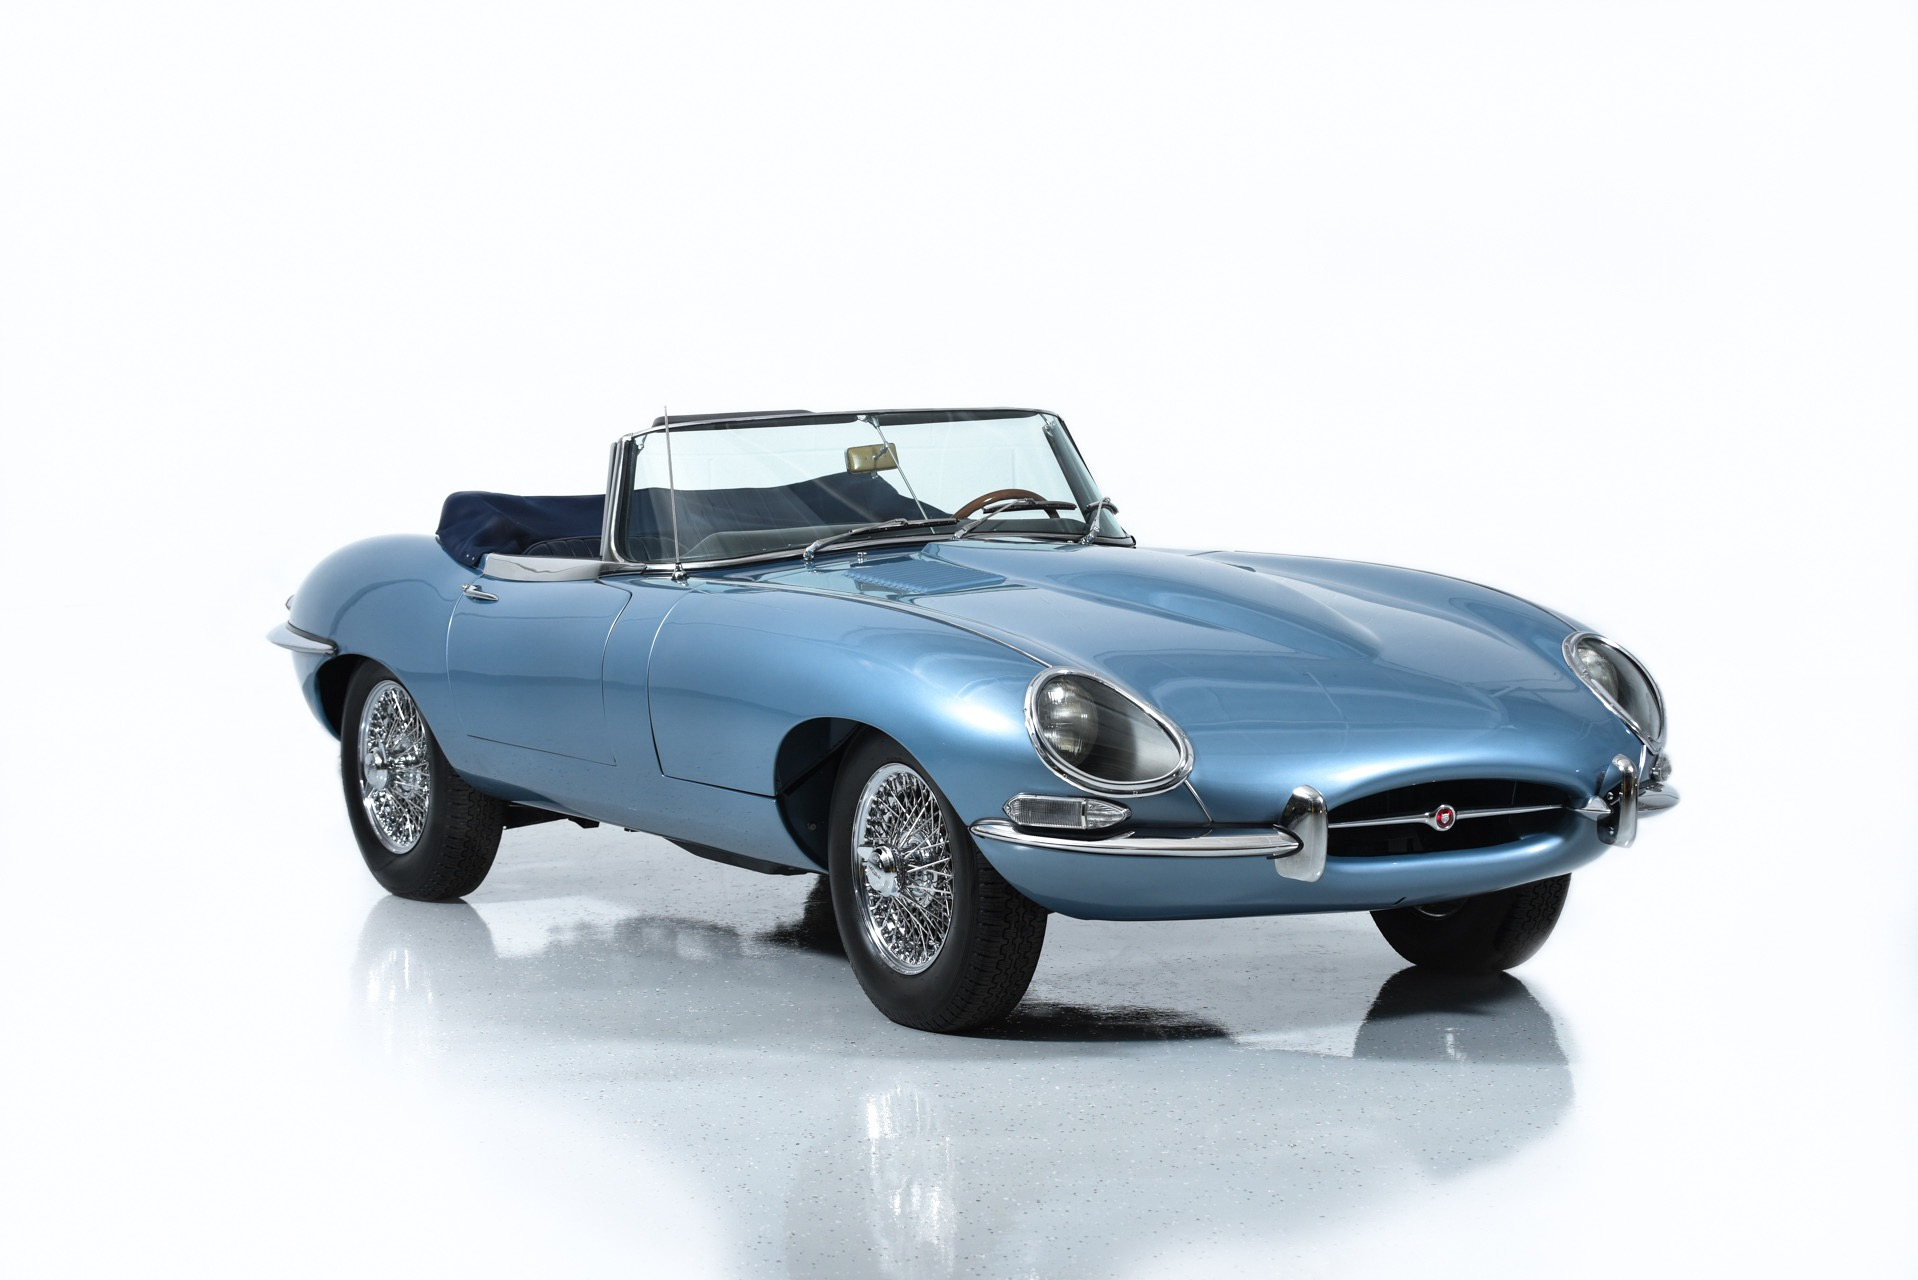 Used 1965 Jaguar Xke E Type For Sale 249 900 Motorcar Classics Stock 1019